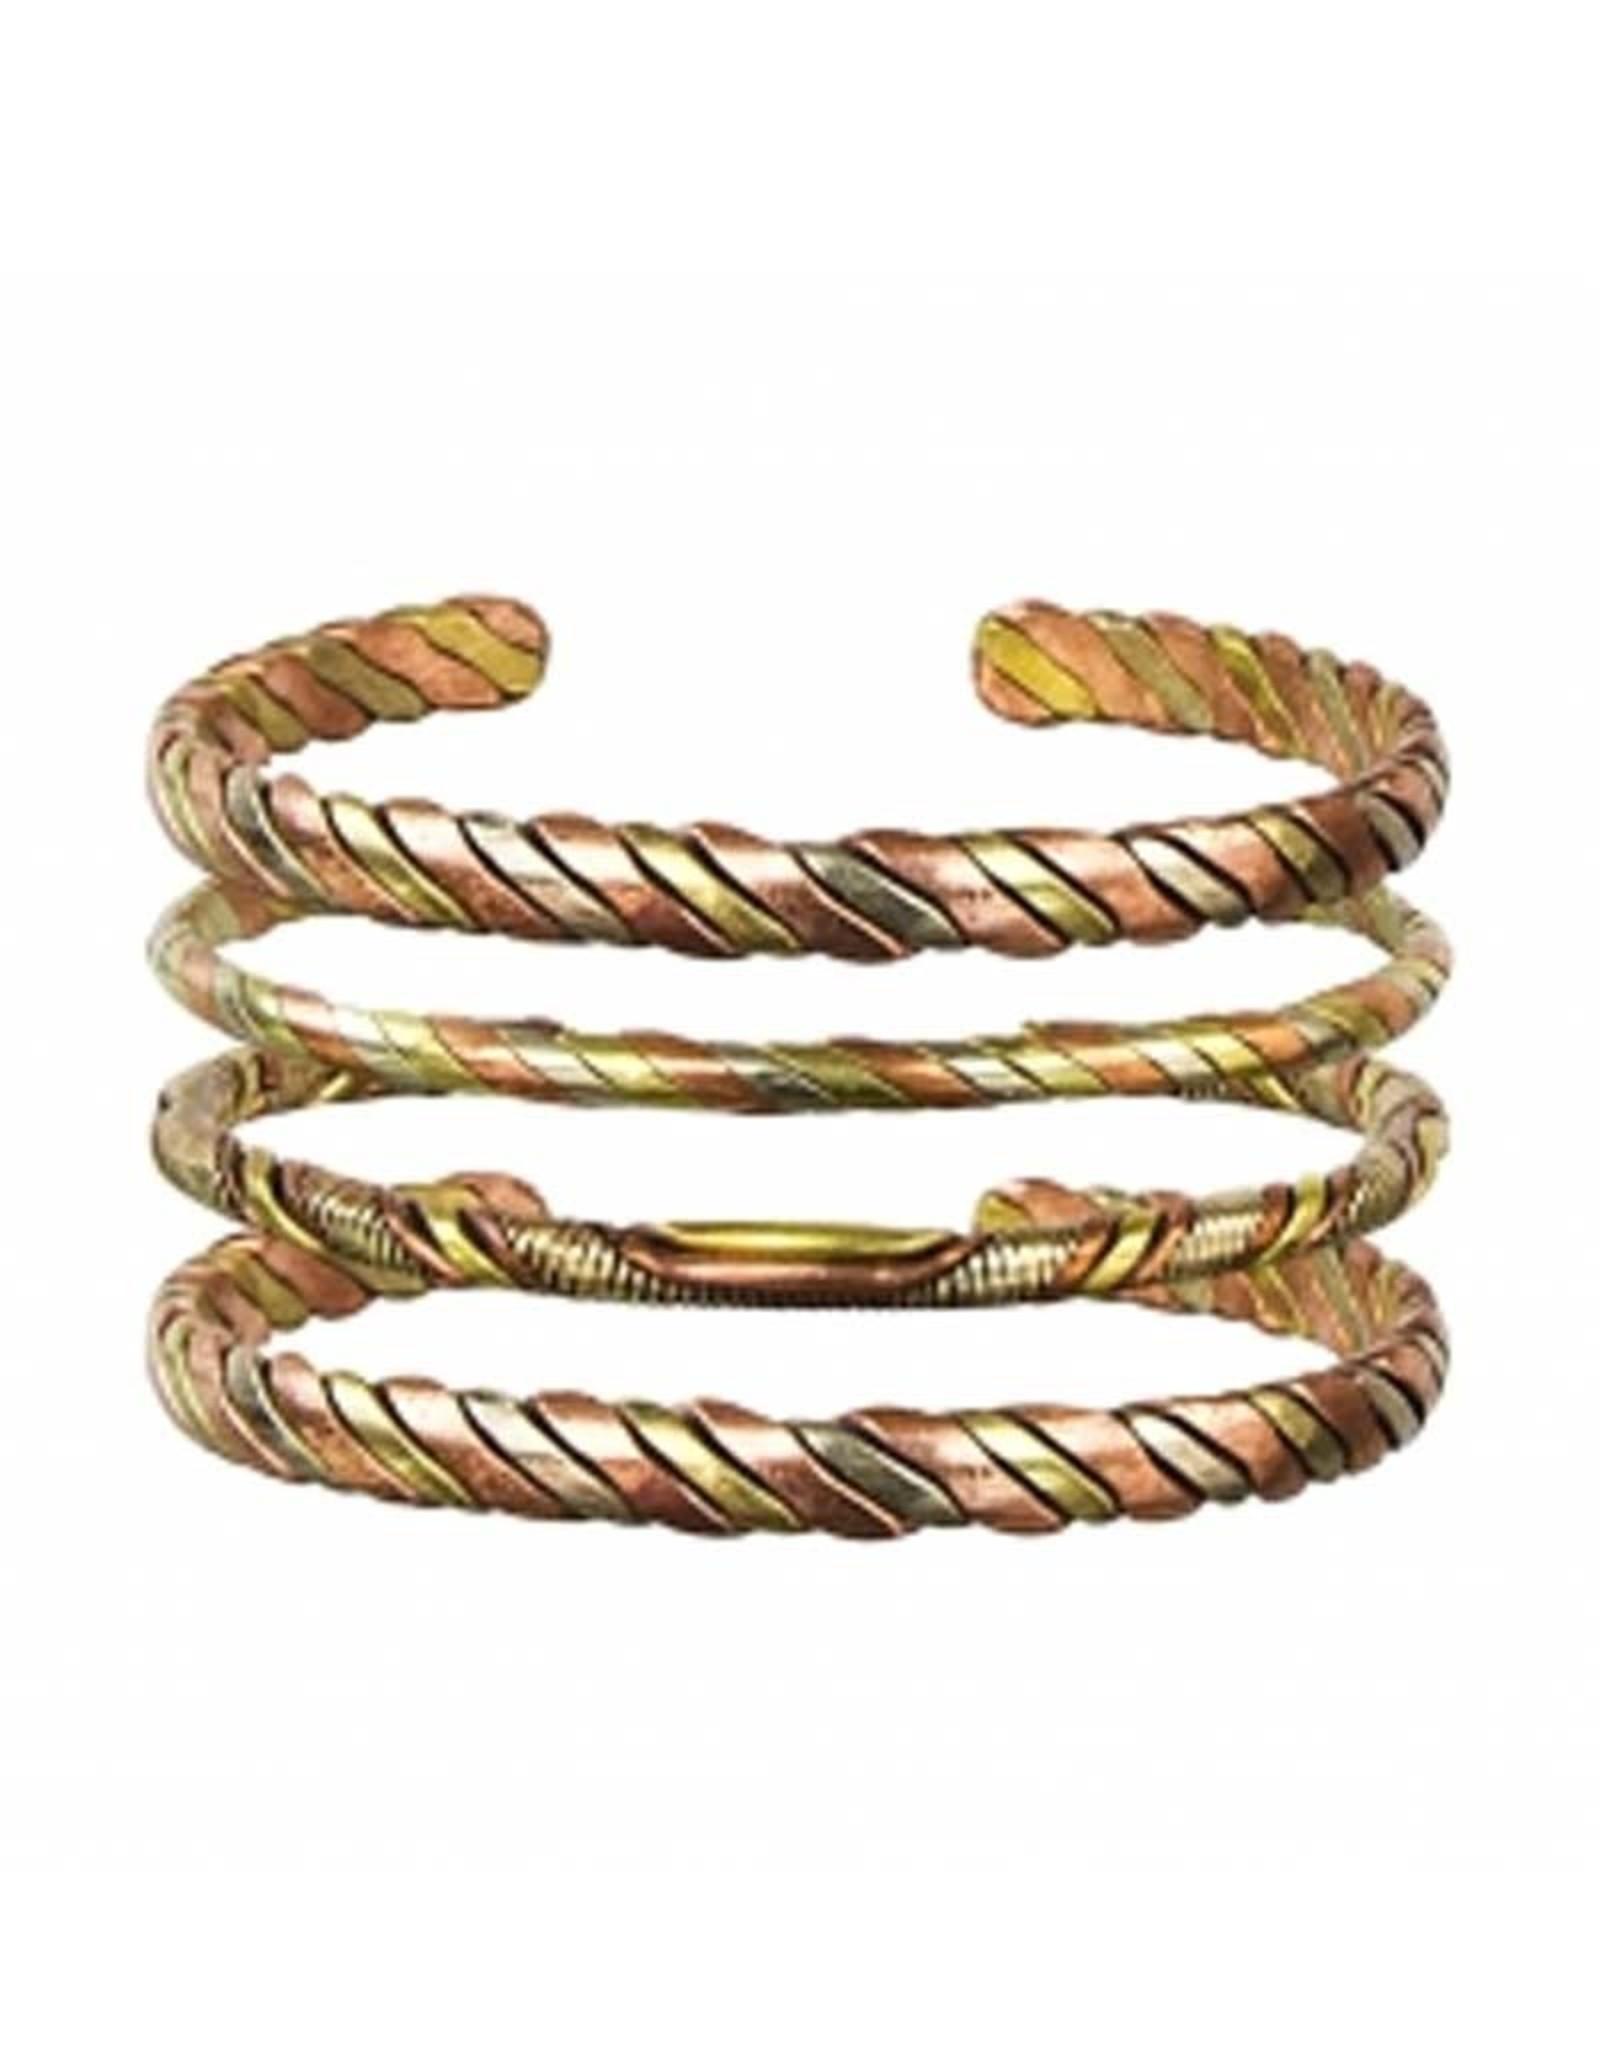 3 Metals Intertwined Bracelet